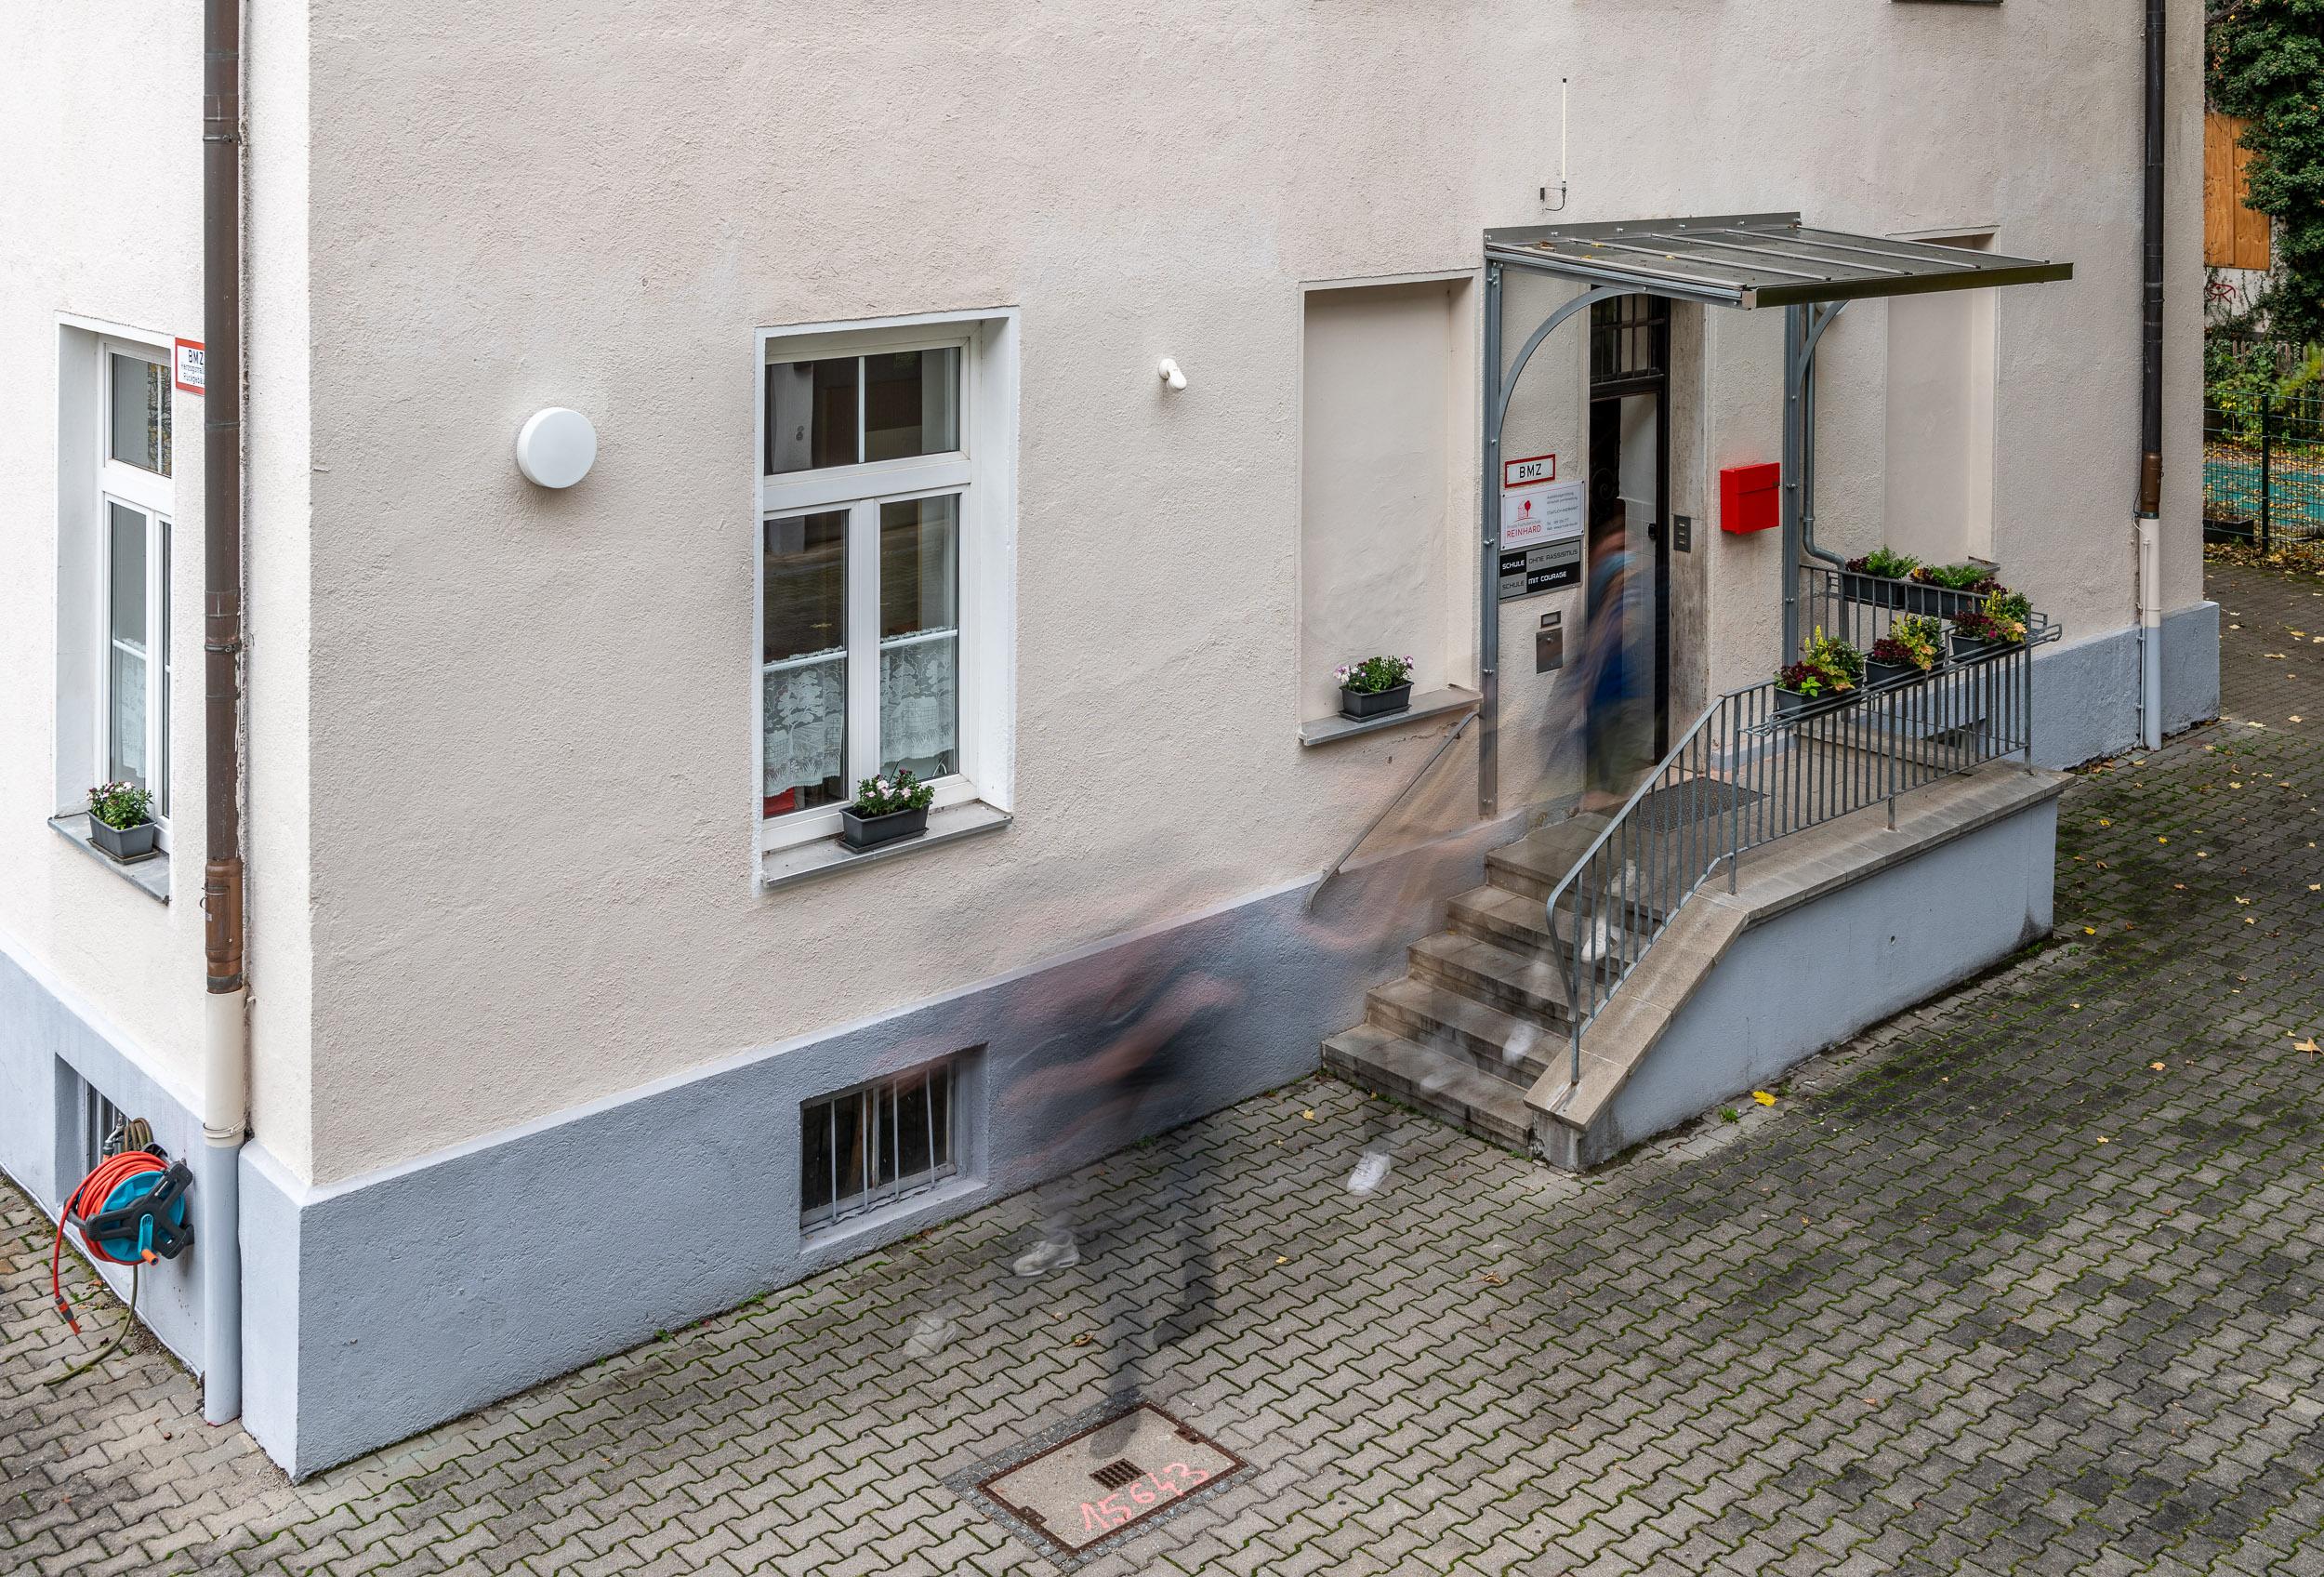 Eingang zum Schulgebäude